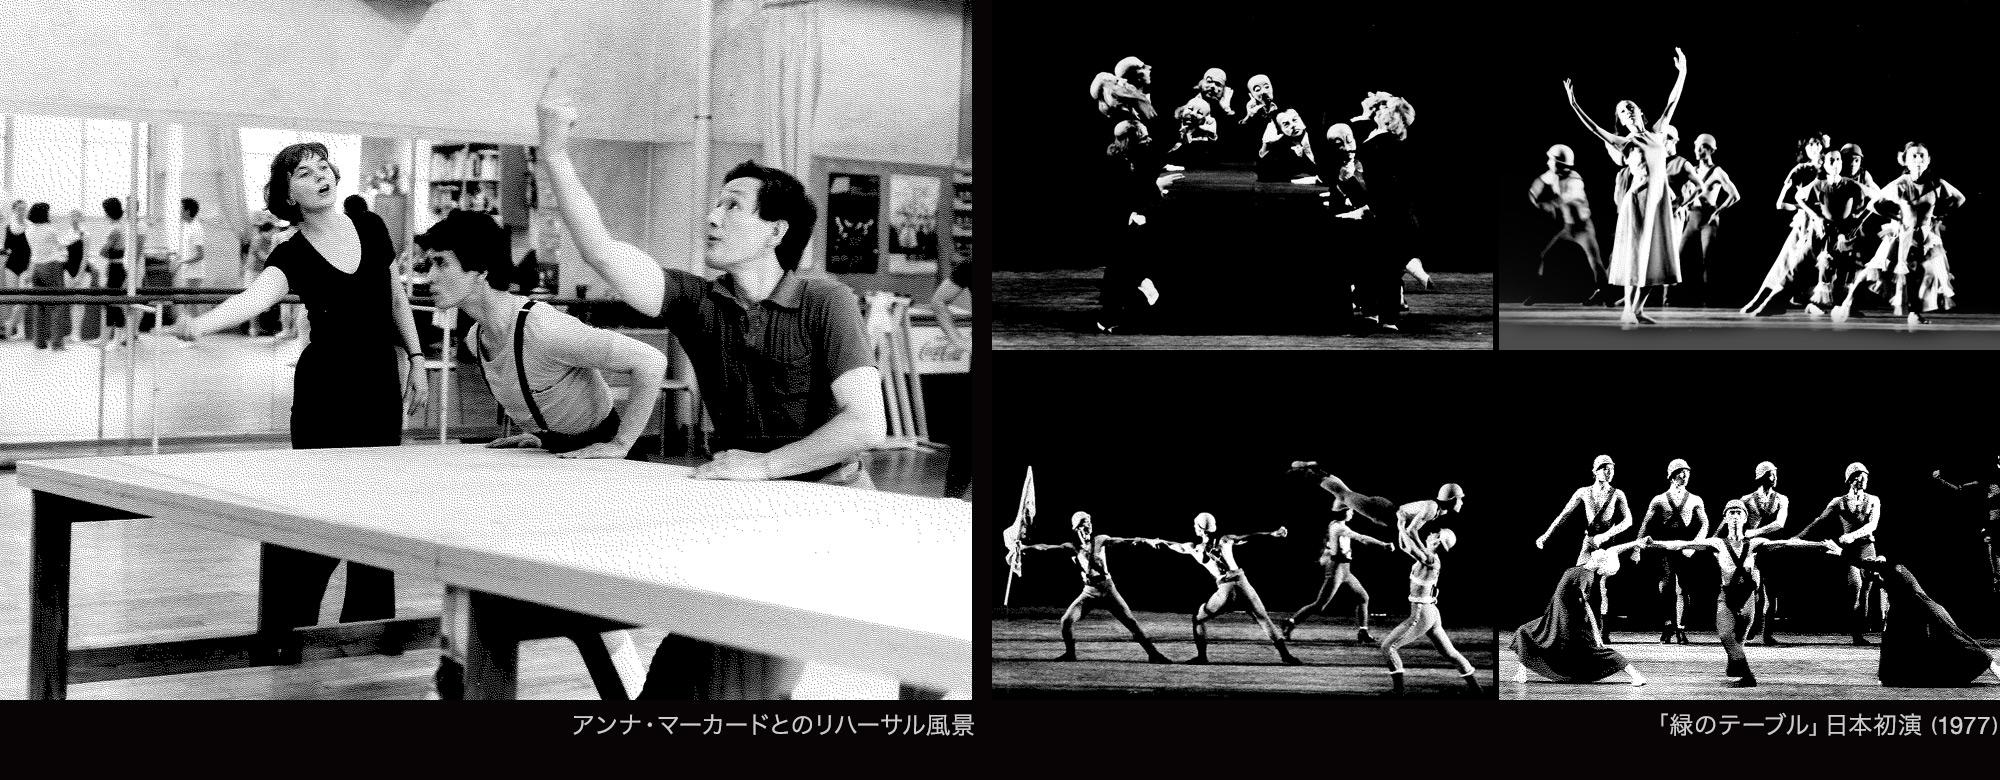 1977年 日本へ、魂の継承